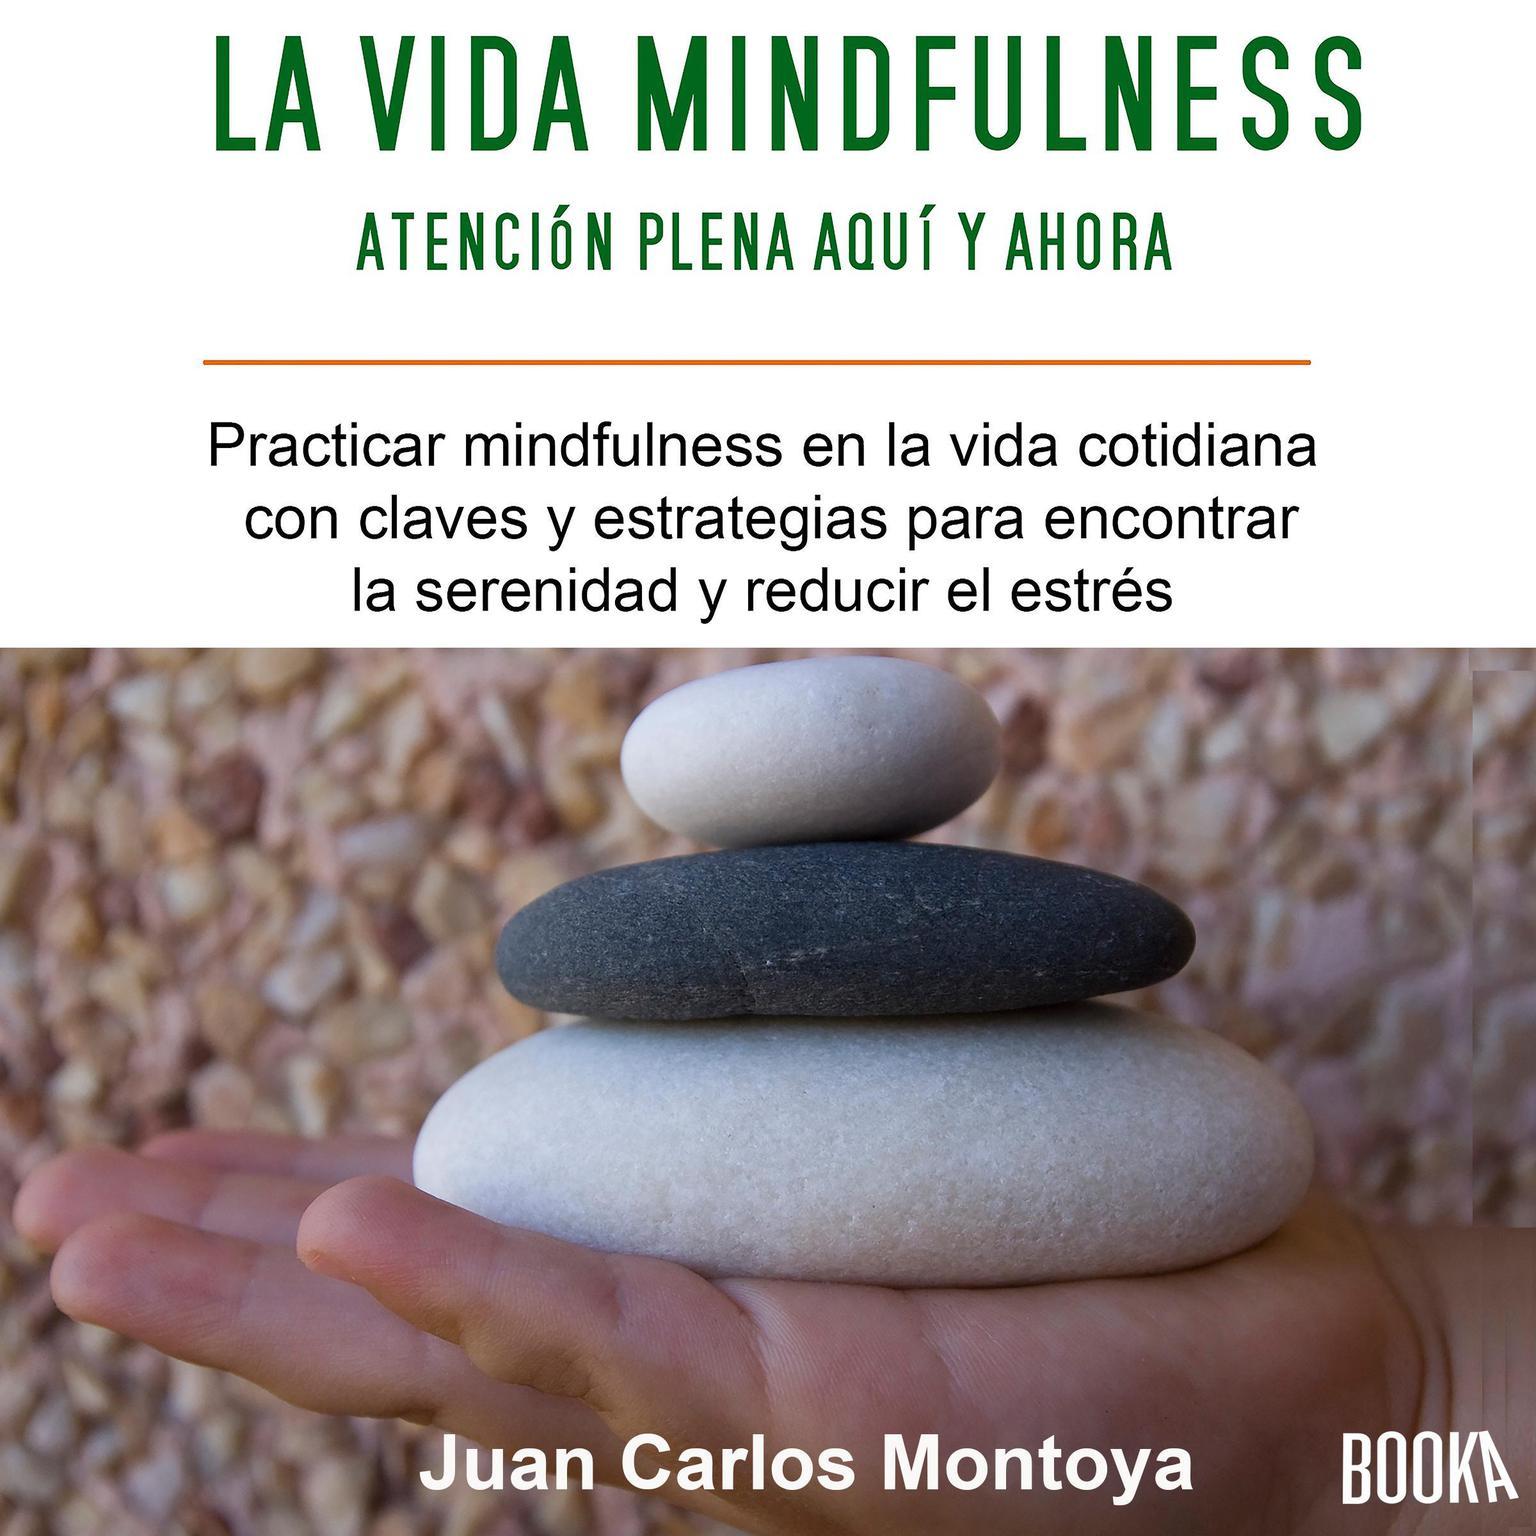 La Vida Mindfulness: Atención Plena Aquí y Ahora: Practicar Mindfulness en La Vida Cotidiana Con Claves y Estrategias para Encontrar La Serenidad y Reducir El Estrés Audiobook, by Juan Carlos Montoya